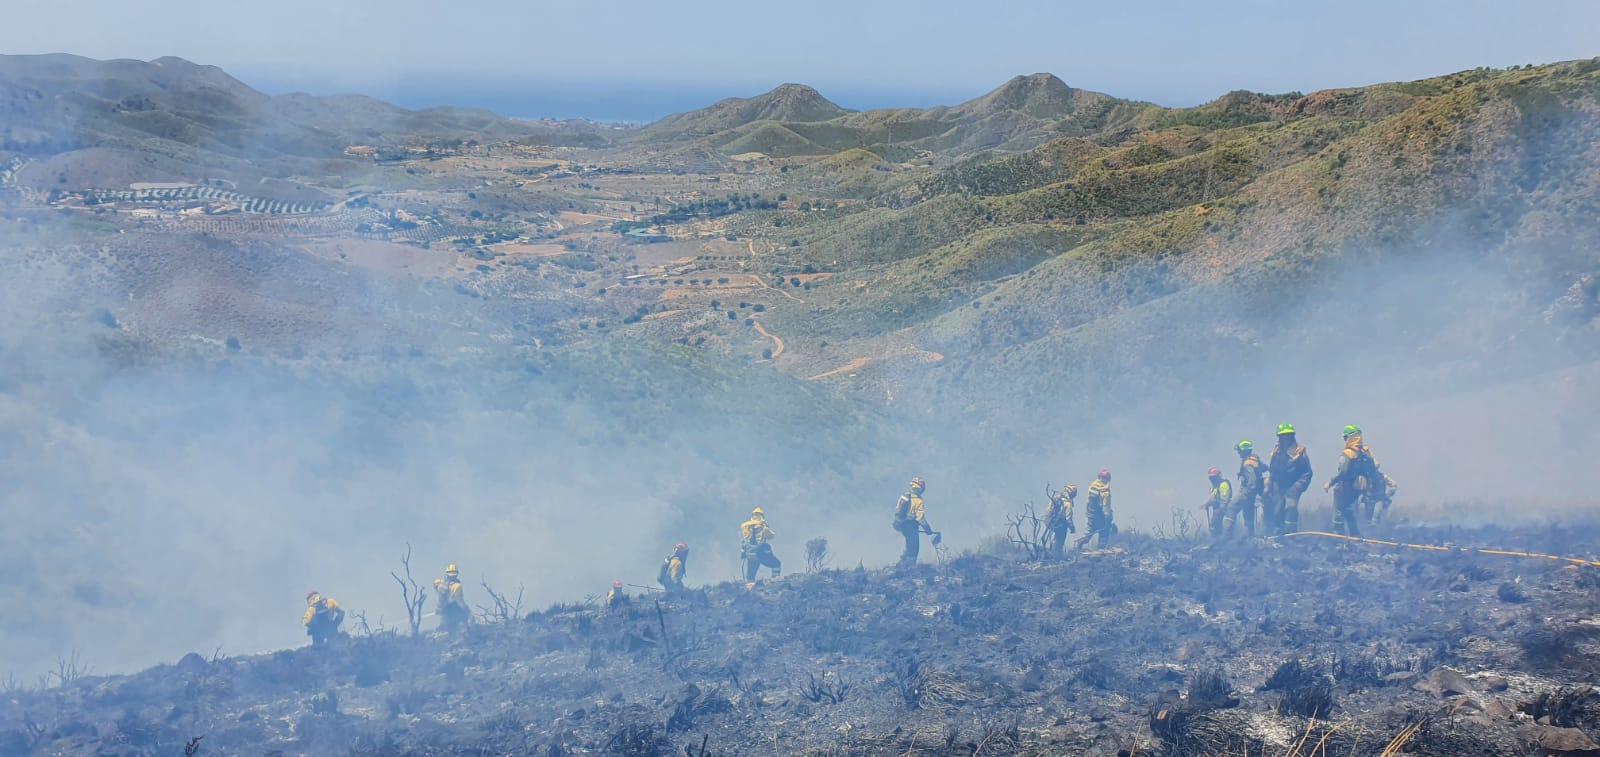 Un total de 70 efectivos adscritos al Plan Infomur 2020 han estado trabajando en la zona del fuego. Imagen: 112